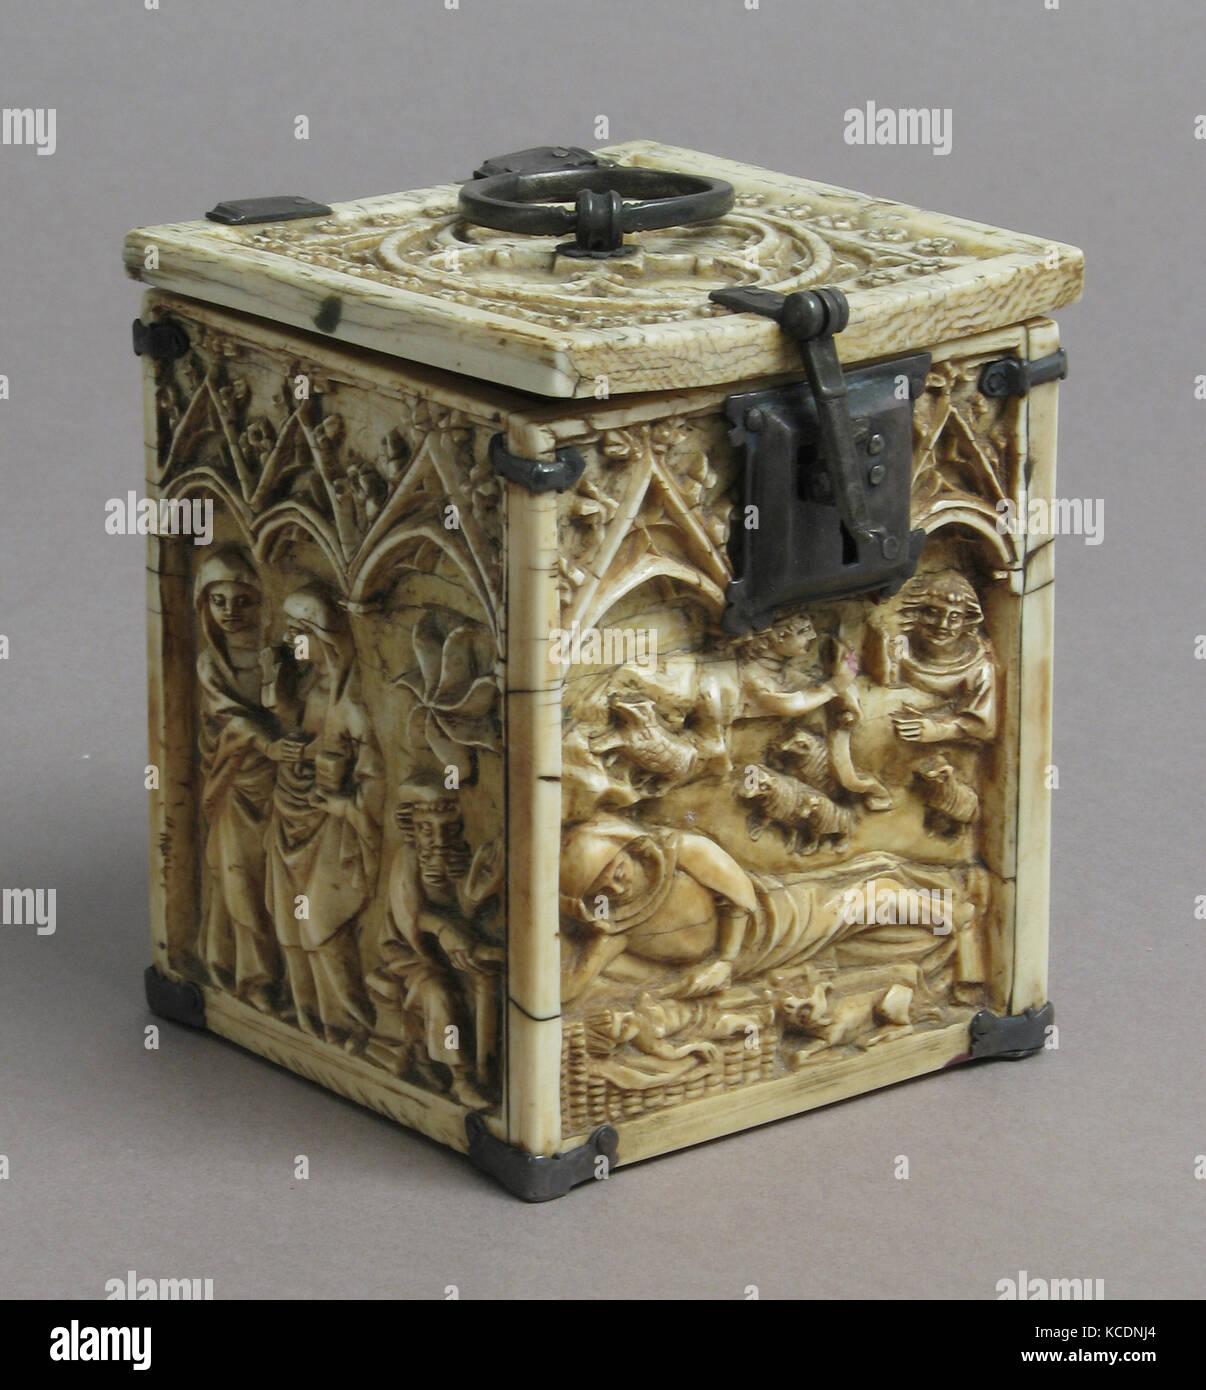 Boîte avec des scènes de l'Enfance du Christ, 14e siècle Photo Stock